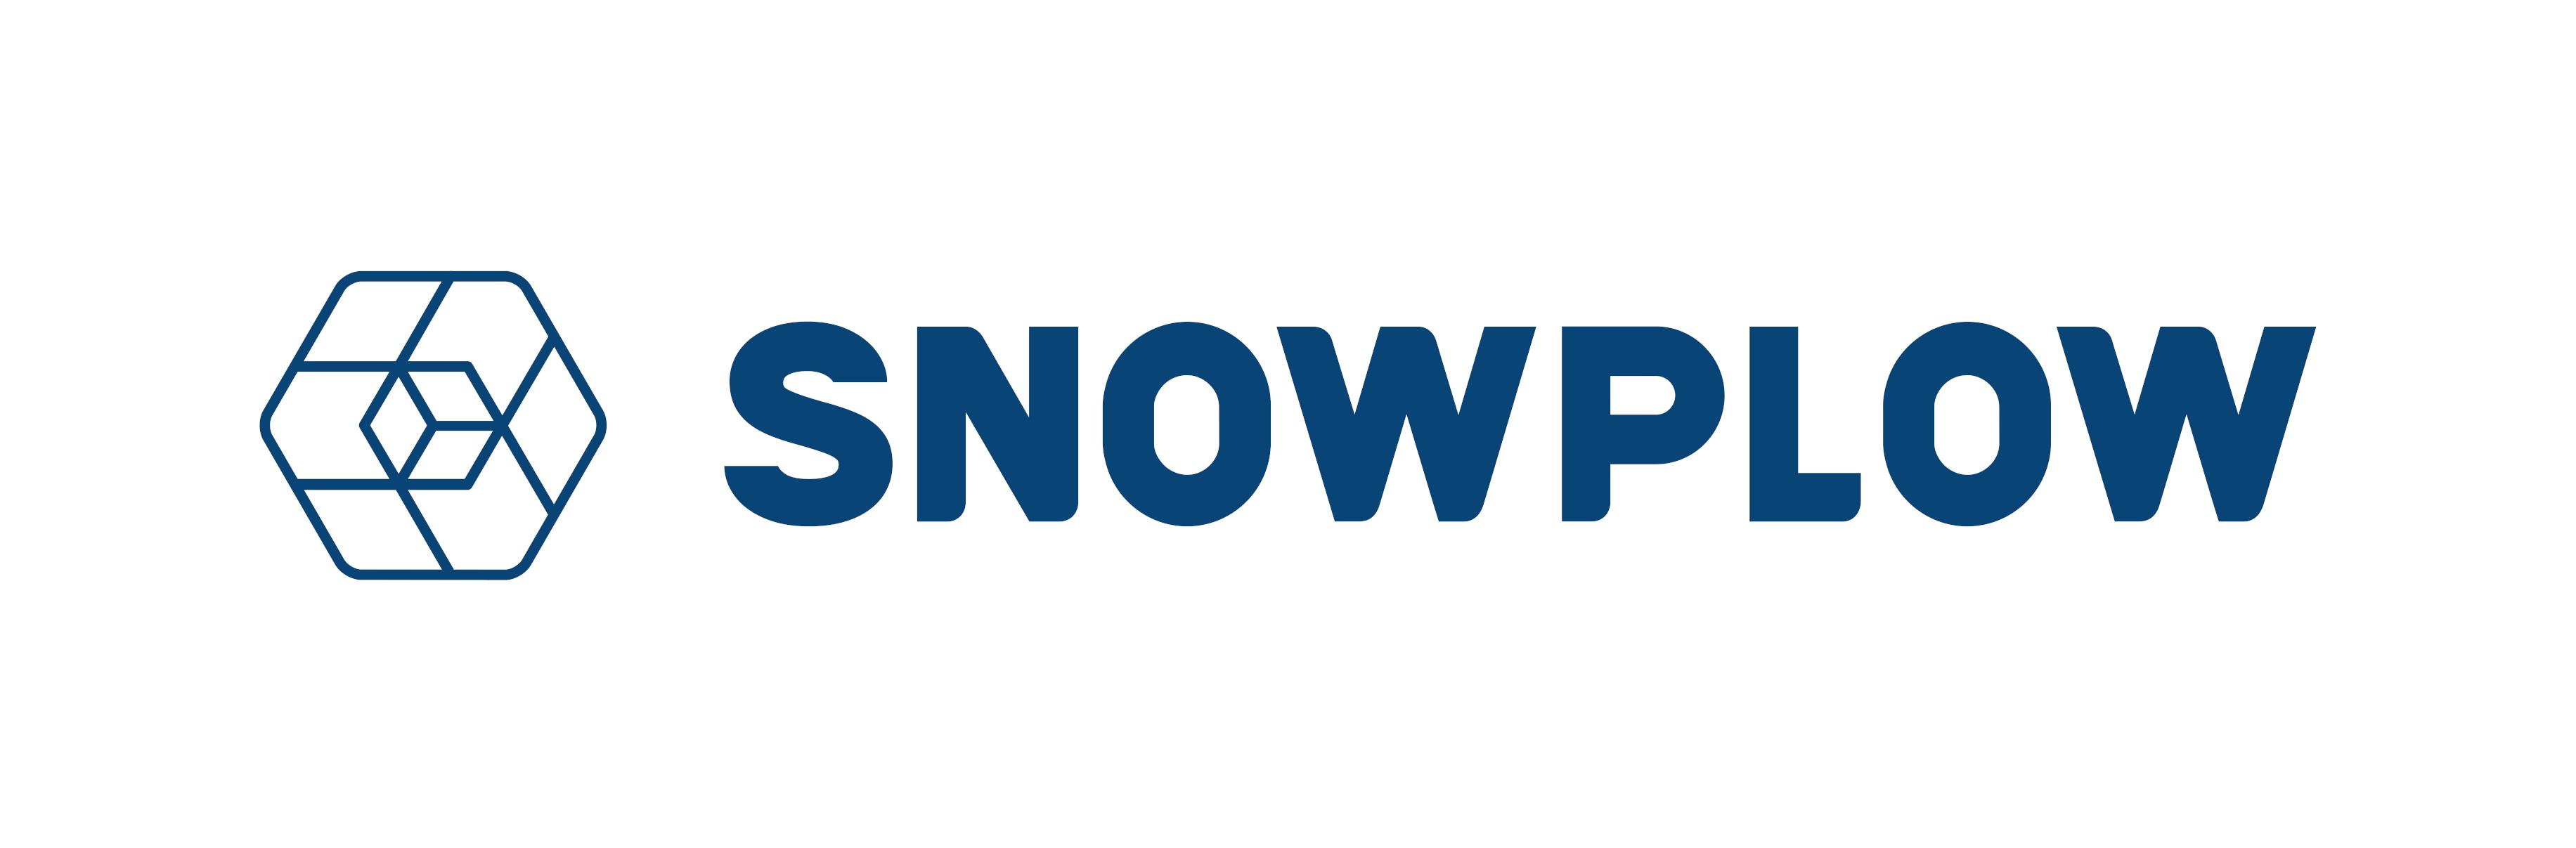 snowplow-logo